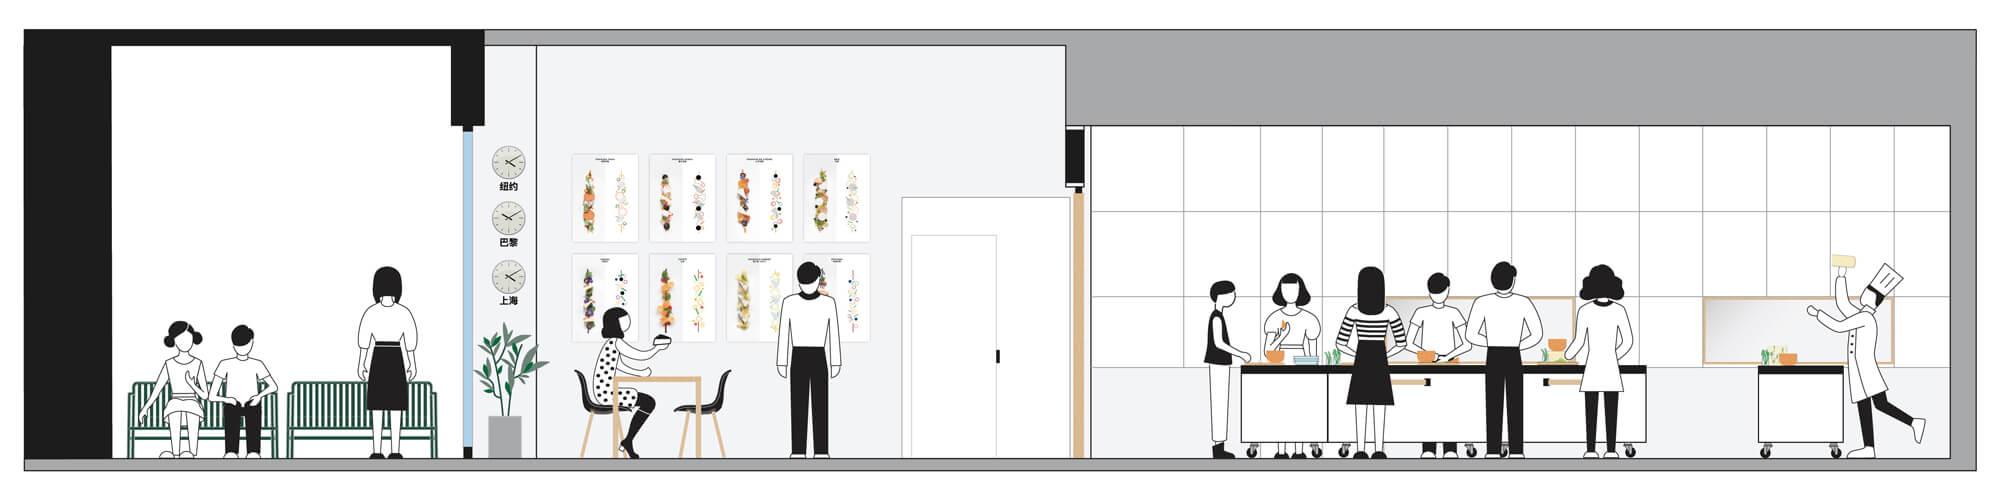 élévation d'architecture du concept-store La cremerie, Flagship des produits laitiers en France pensé et conçu par le studio de création Ich&Kar